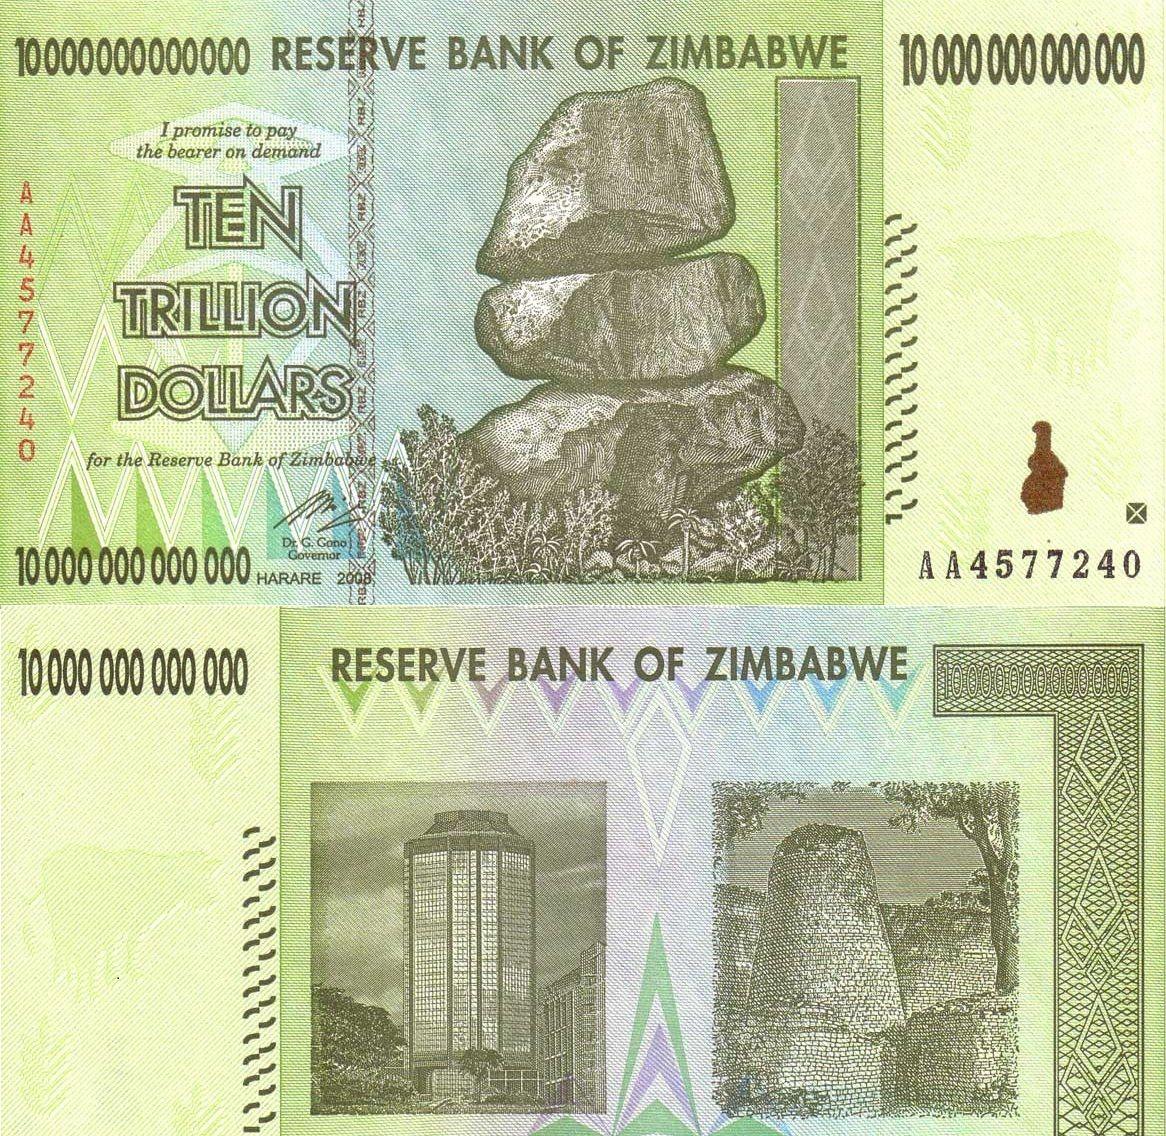 【非洲】全新UNC 津巴布韦10万亿津元 (100万亿同期)珍藏纸币